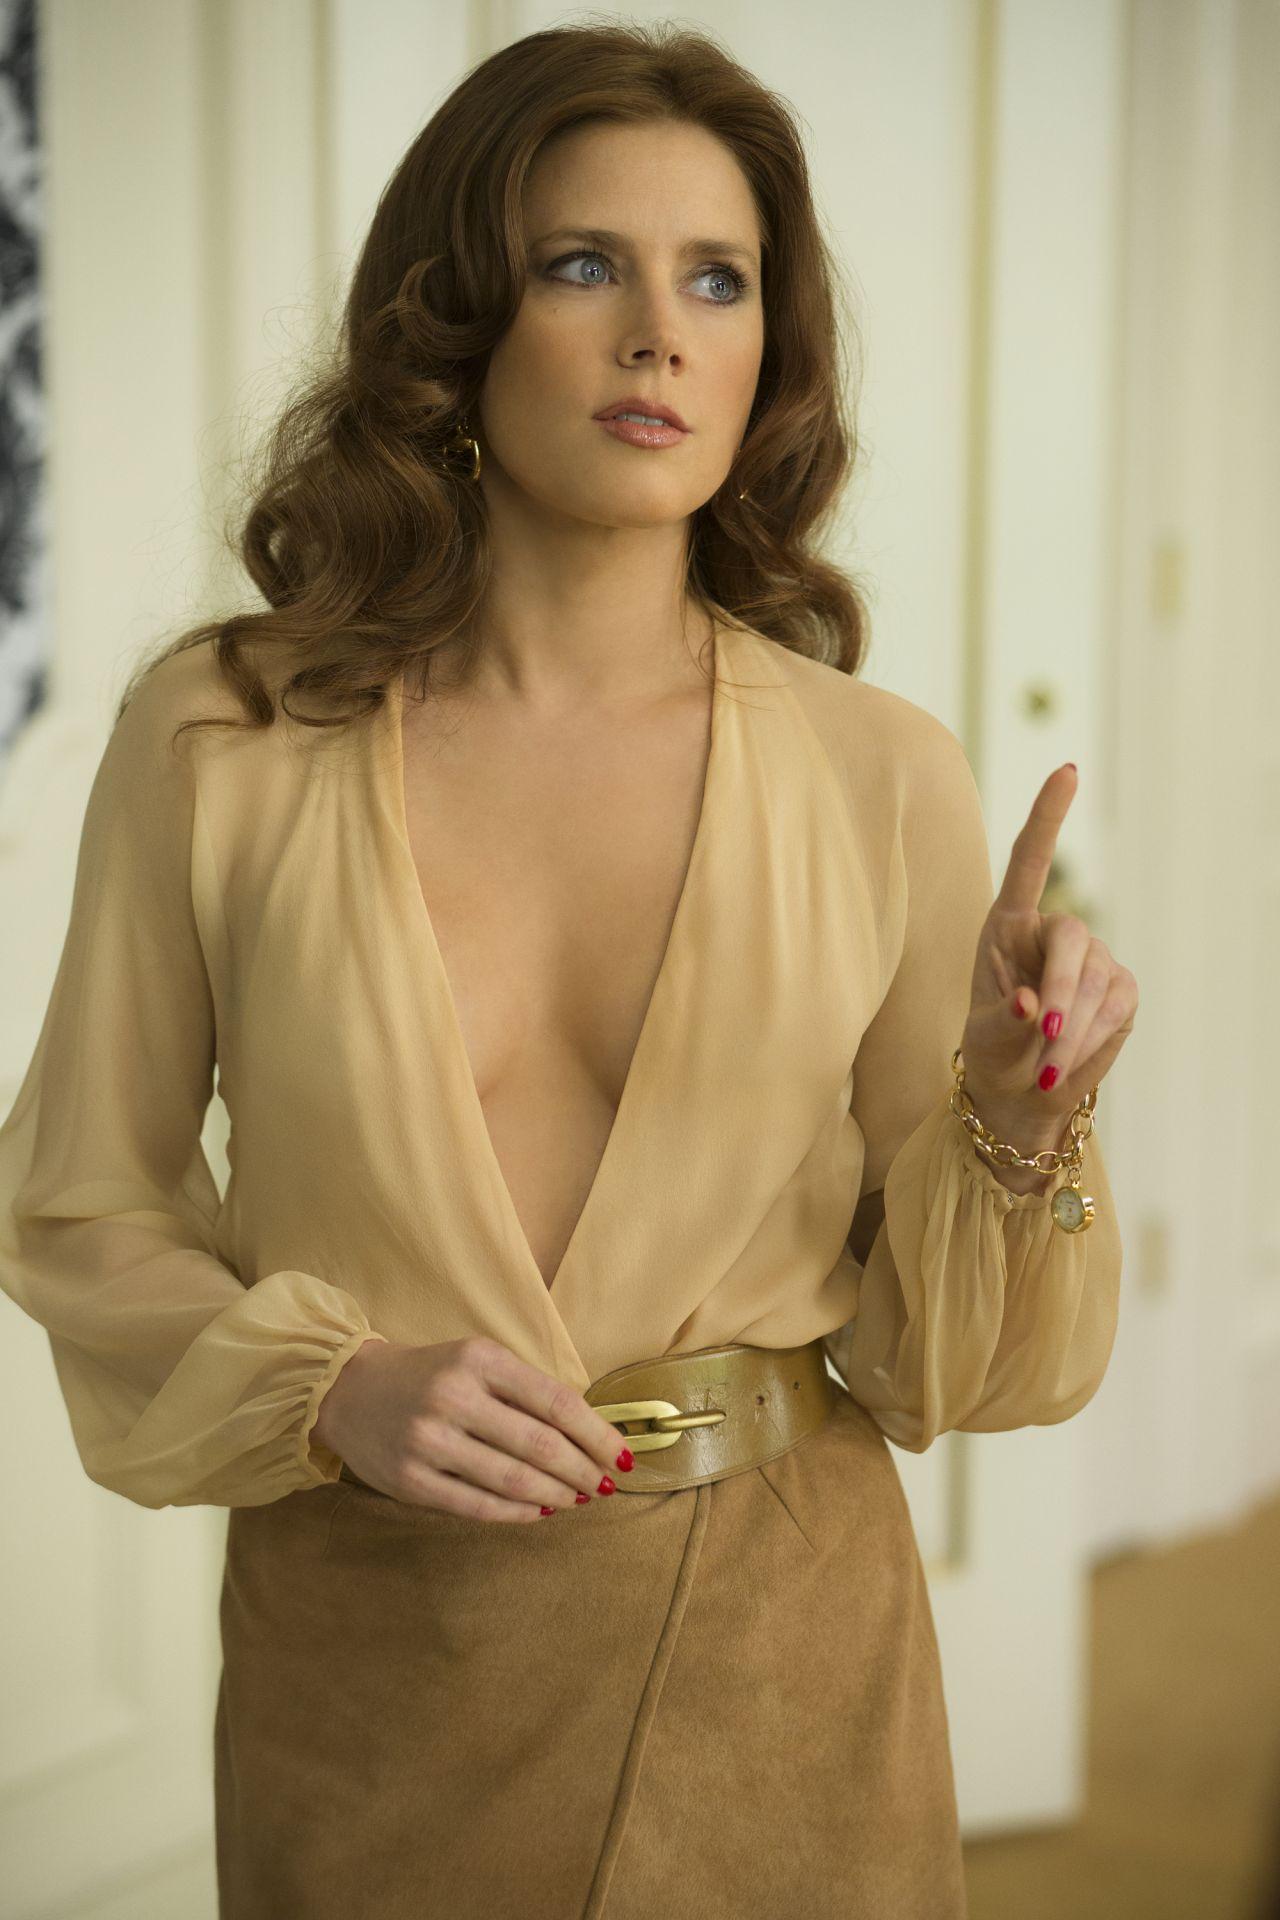 hot American porn actress